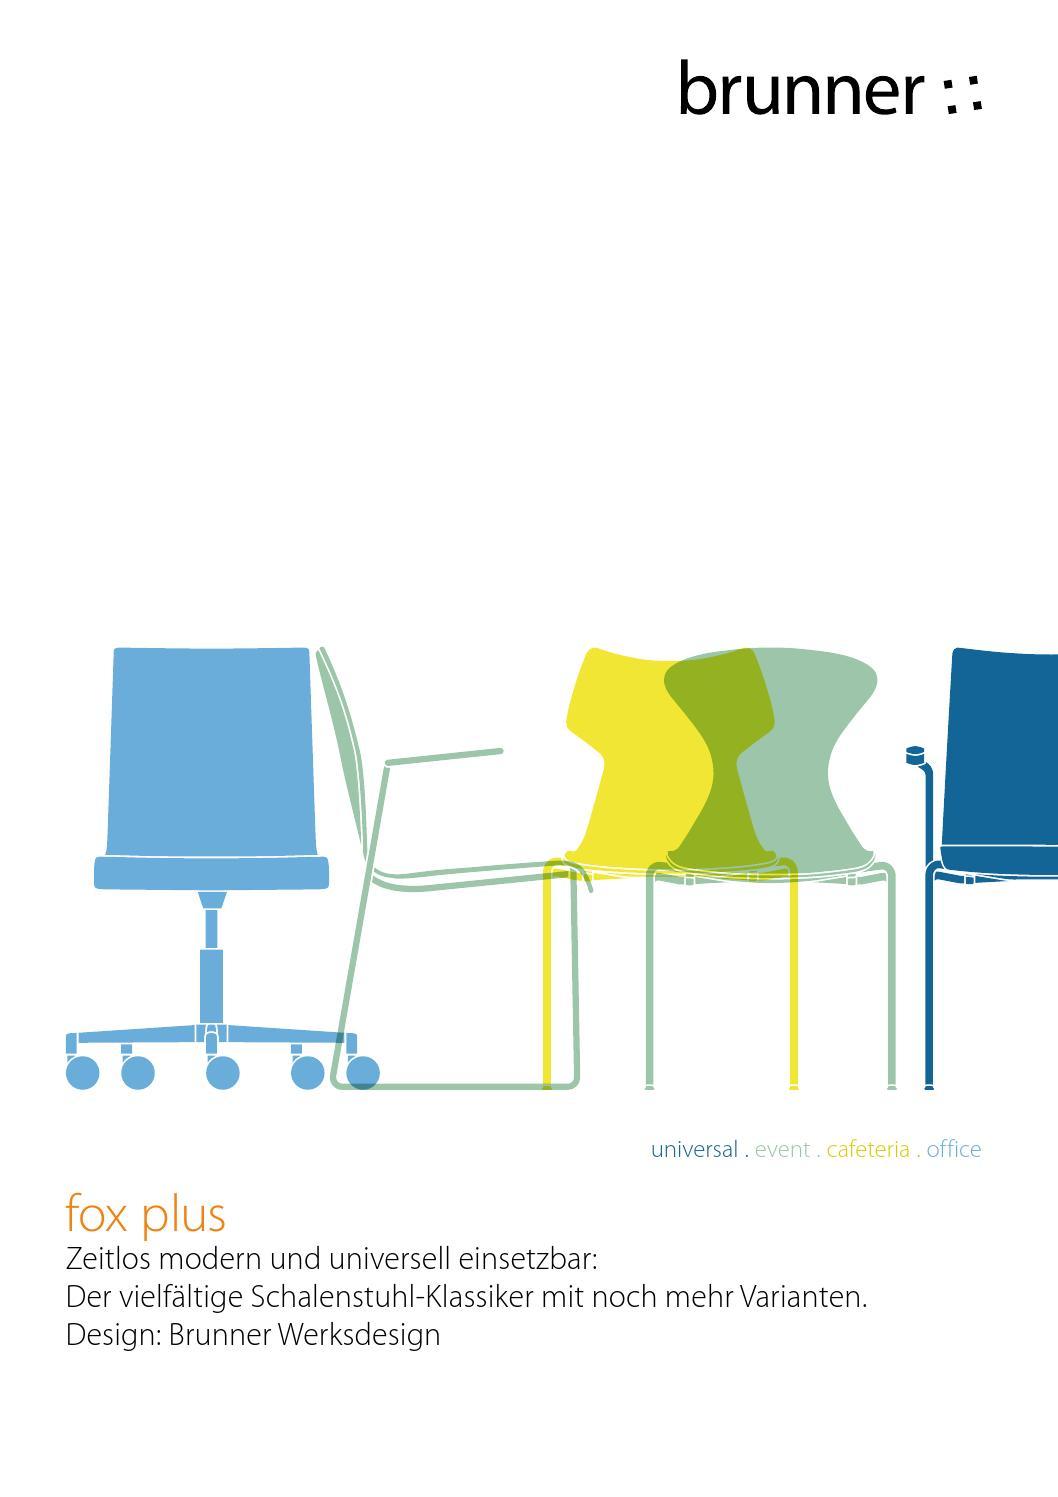 fox plus 2014 brunner de by brunner gmbh issuu. Black Bedroom Furniture Sets. Home Design Ideas